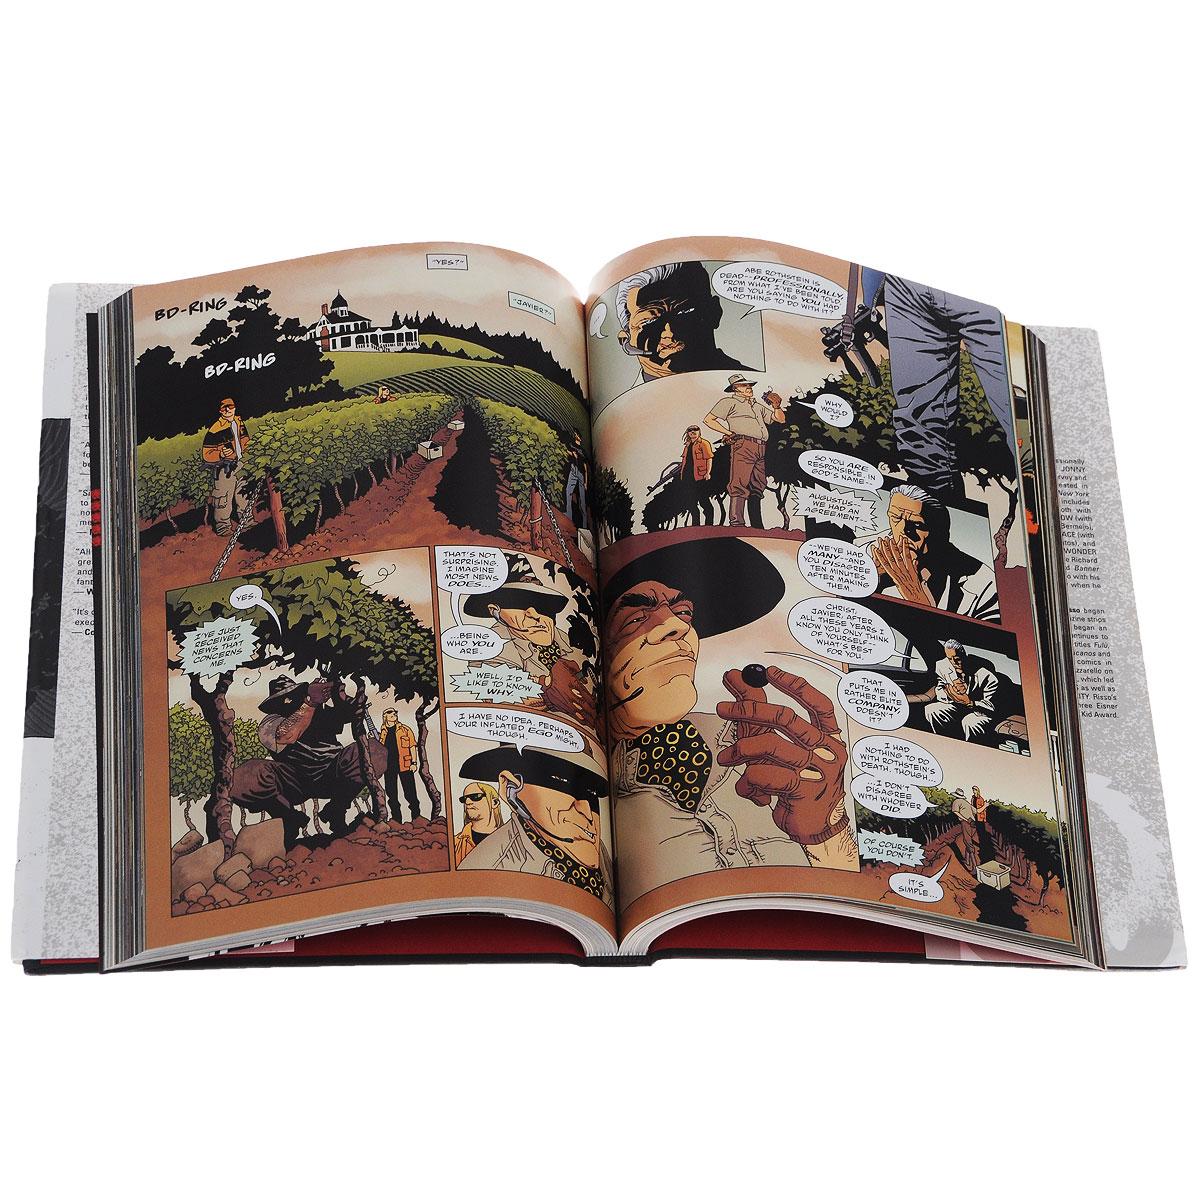 Книга 100 Bullets: The Deluxe Edition: Book 5. Brian Azzarello, Eduardo Risso